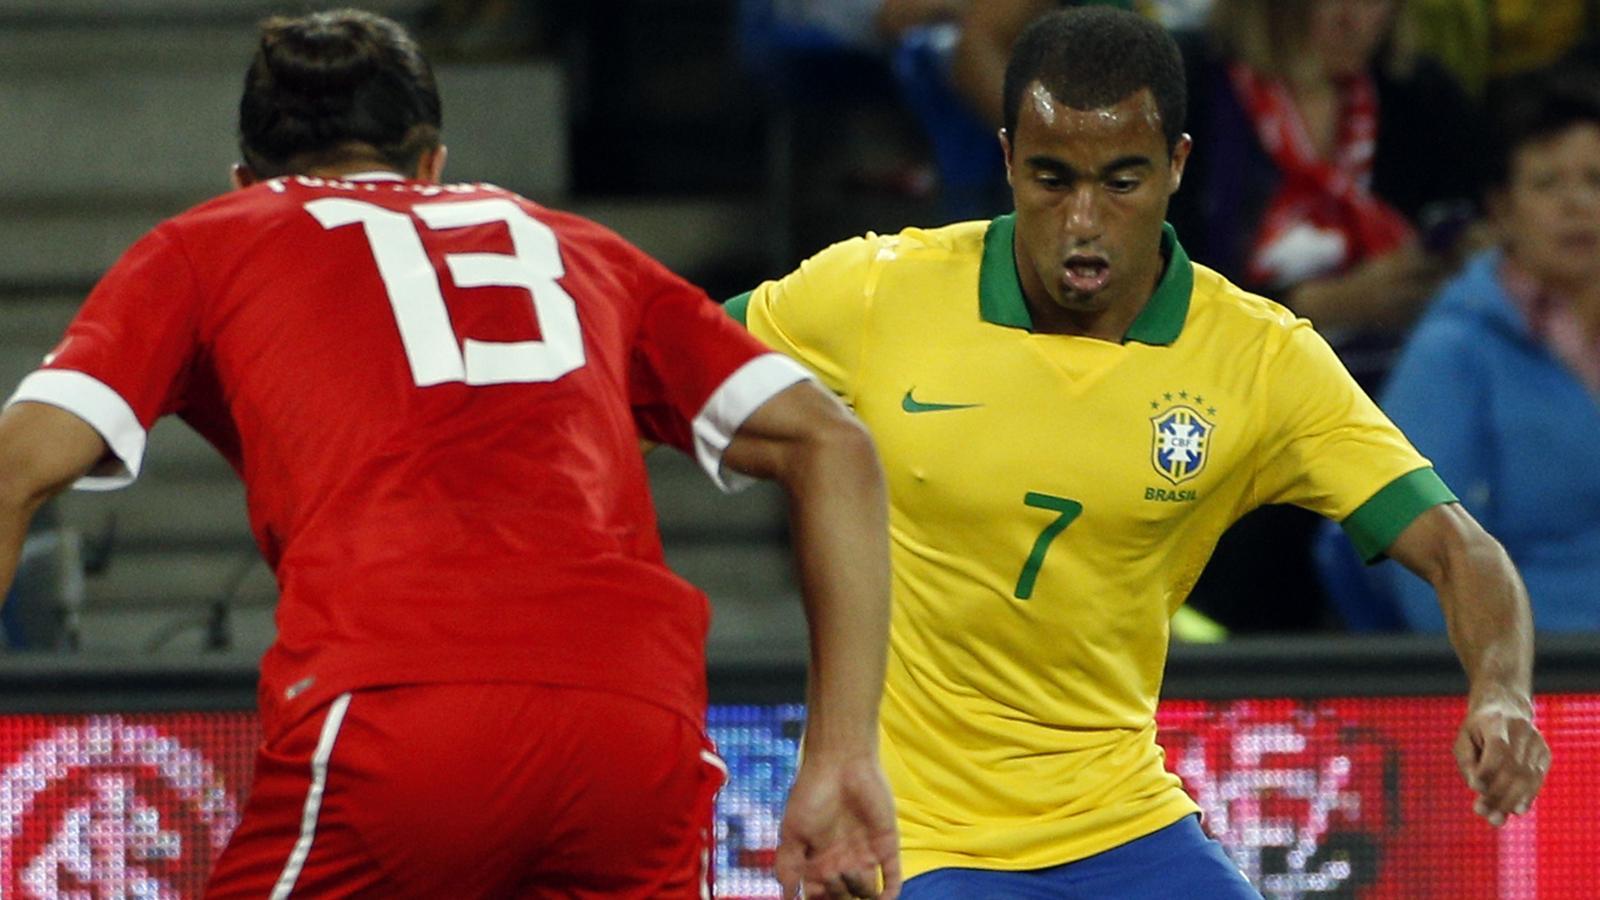 Le br sil sans lucas maxwell marquinhos et kaka en - Qualification coupe de monde afrique ...